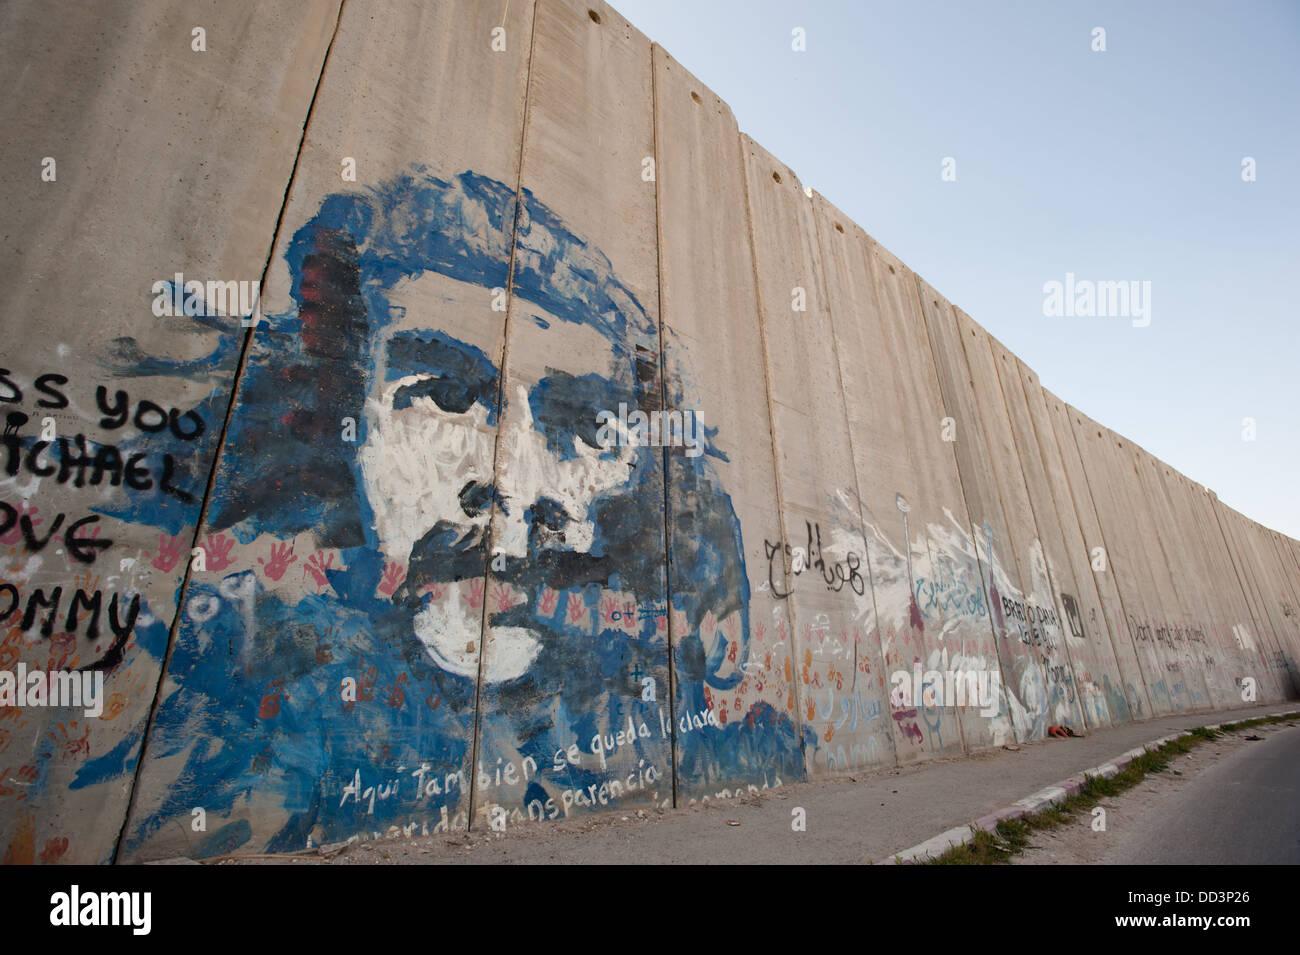 Ein Wandbild von Che Guevara deckt die israelischen Trennmauer in der palästinensischen Stadt Abu Dis. Stockbild